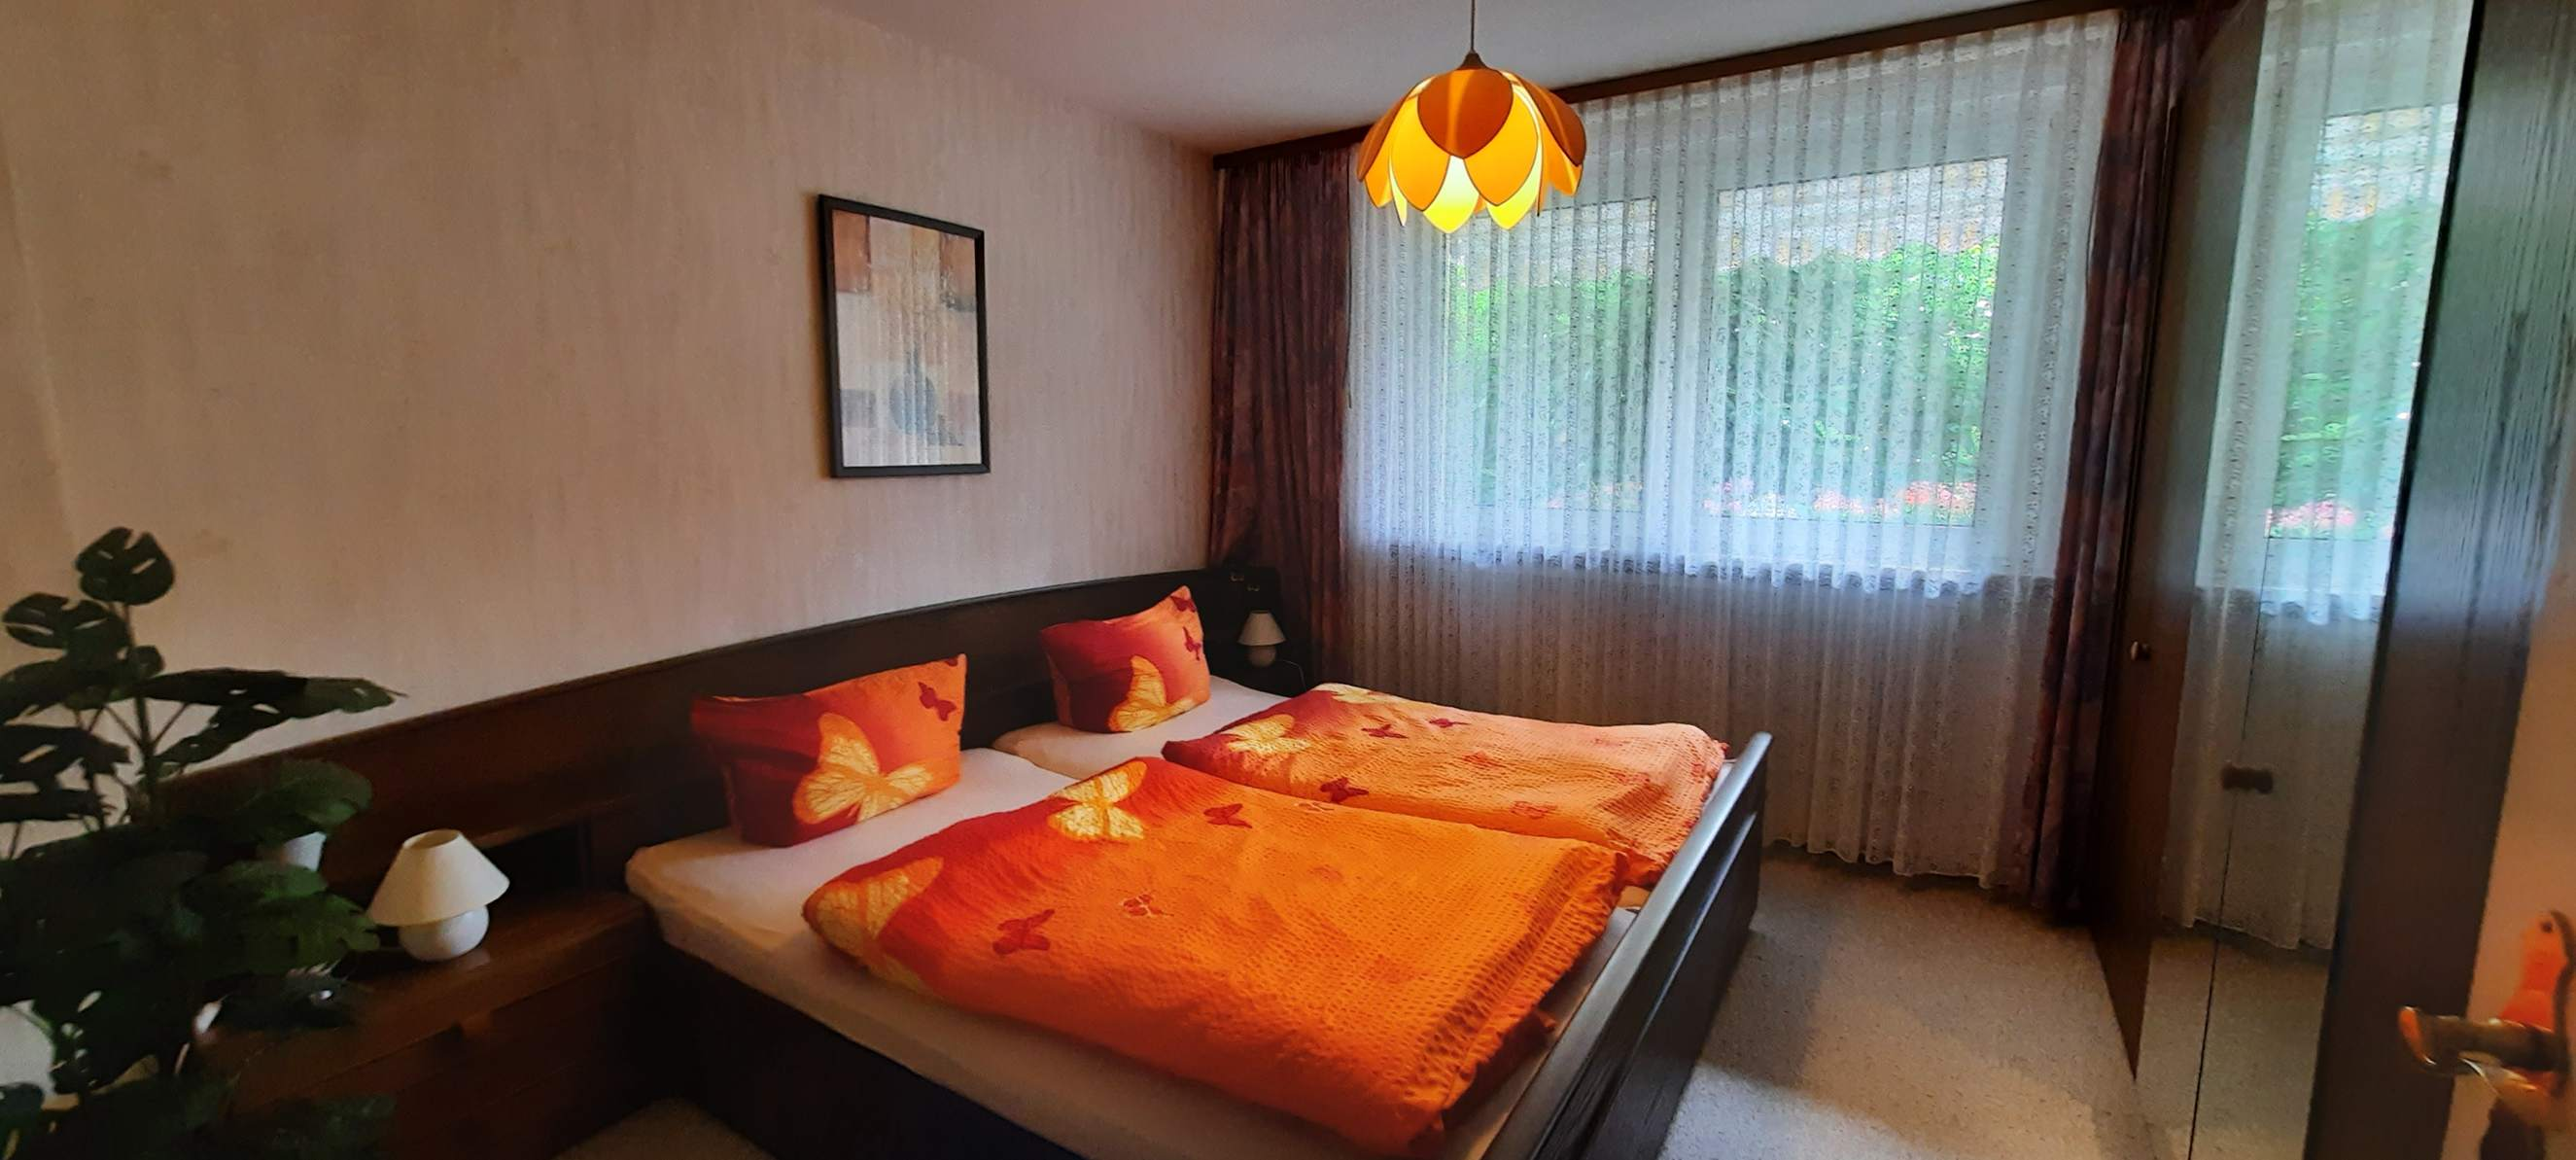 Ferienwohnungen am Birkenweg - Schlafzimmer